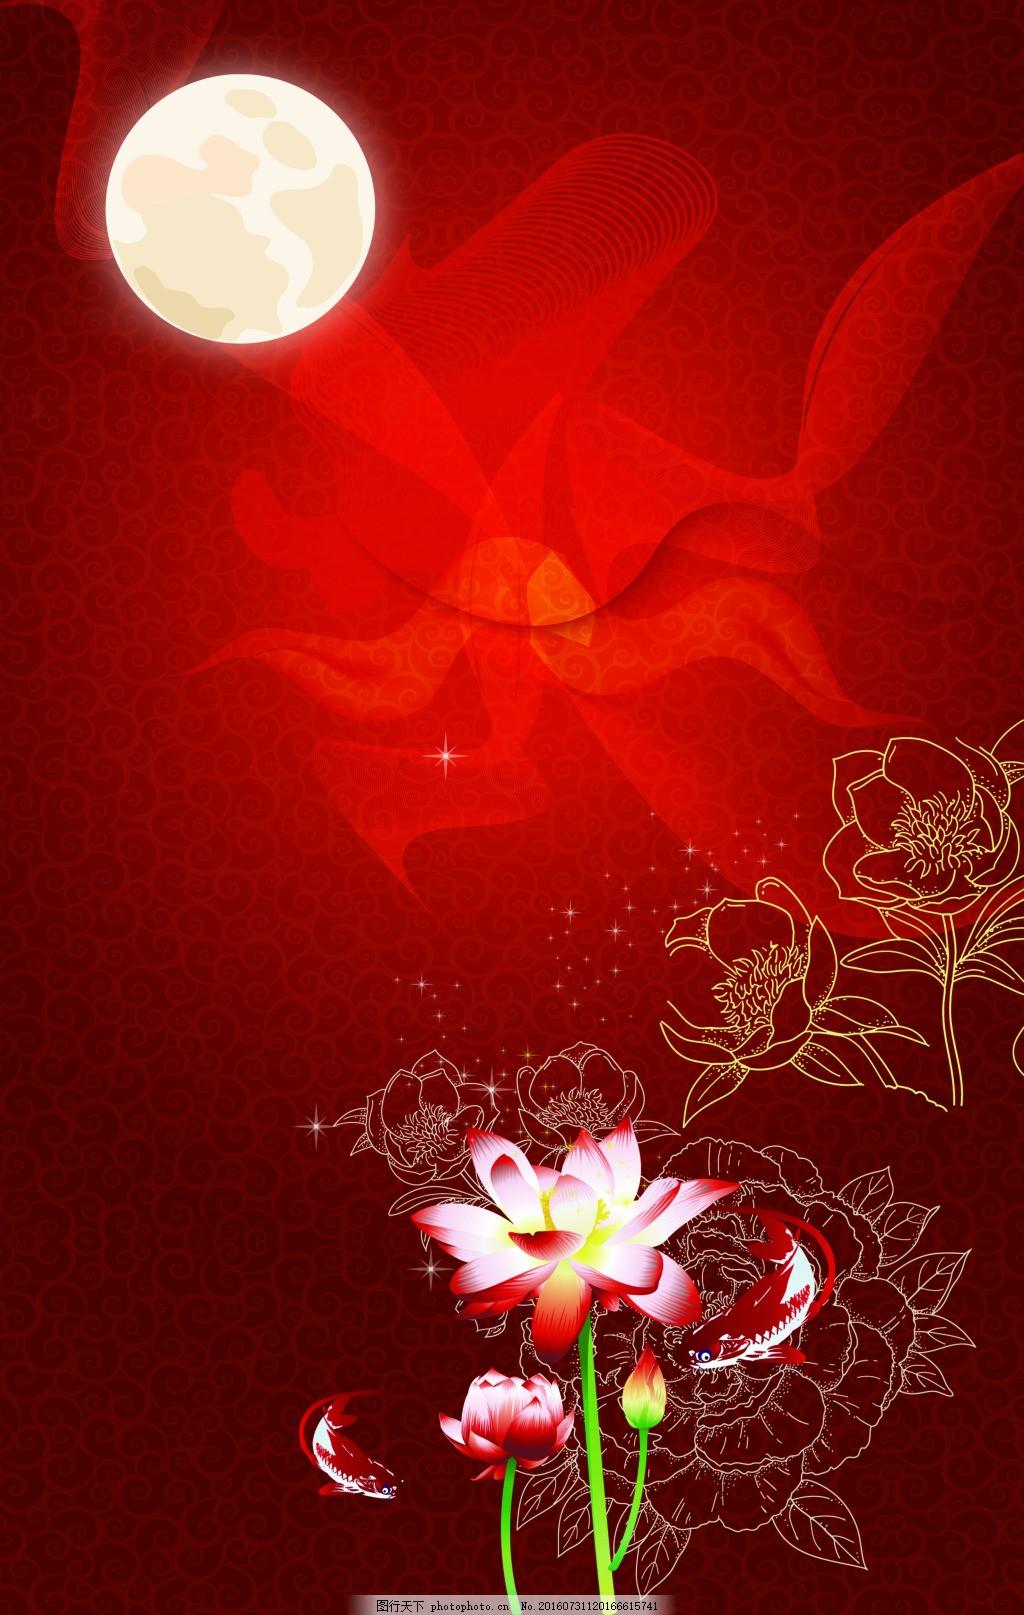 中秋节背景素材 红色花 荷花 月亮 传统节日 渐变 海报 宣传图片